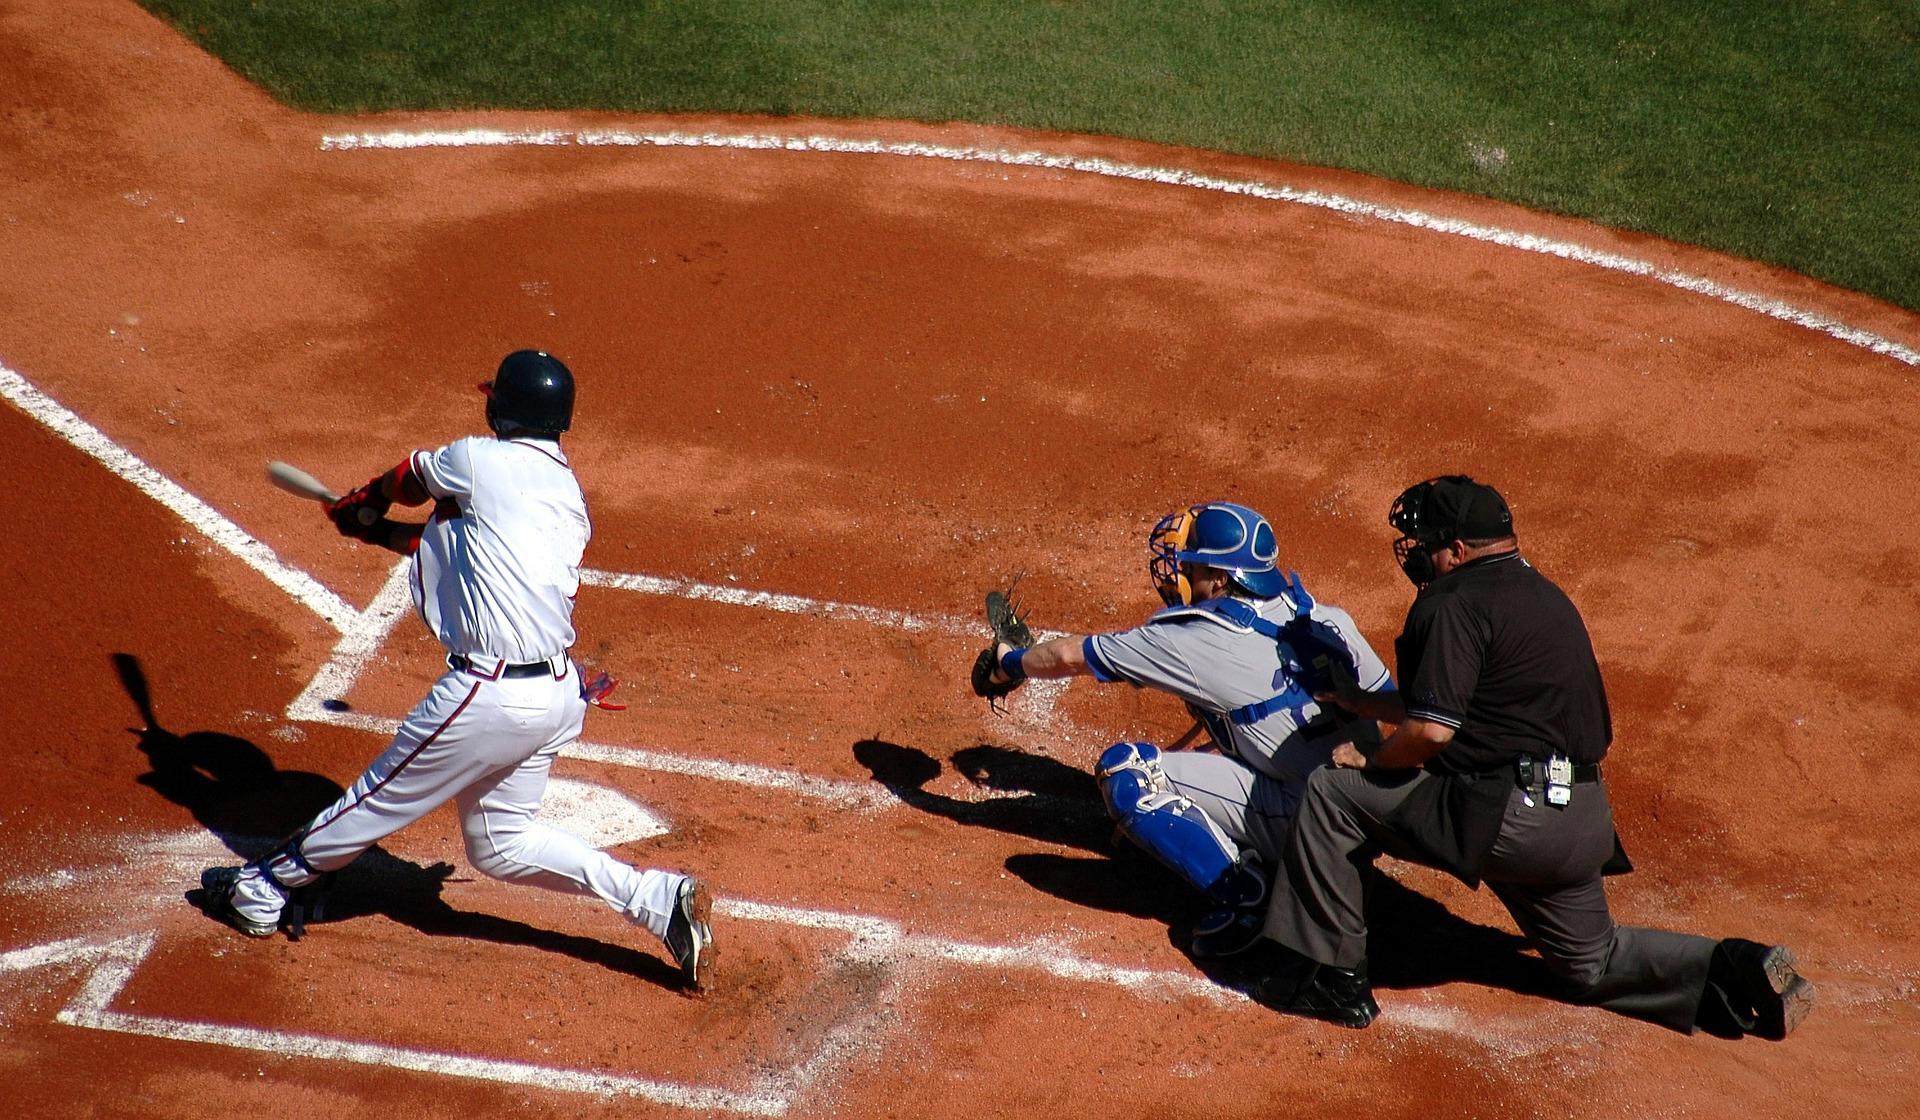 Baseball-1548356 1920.jpg